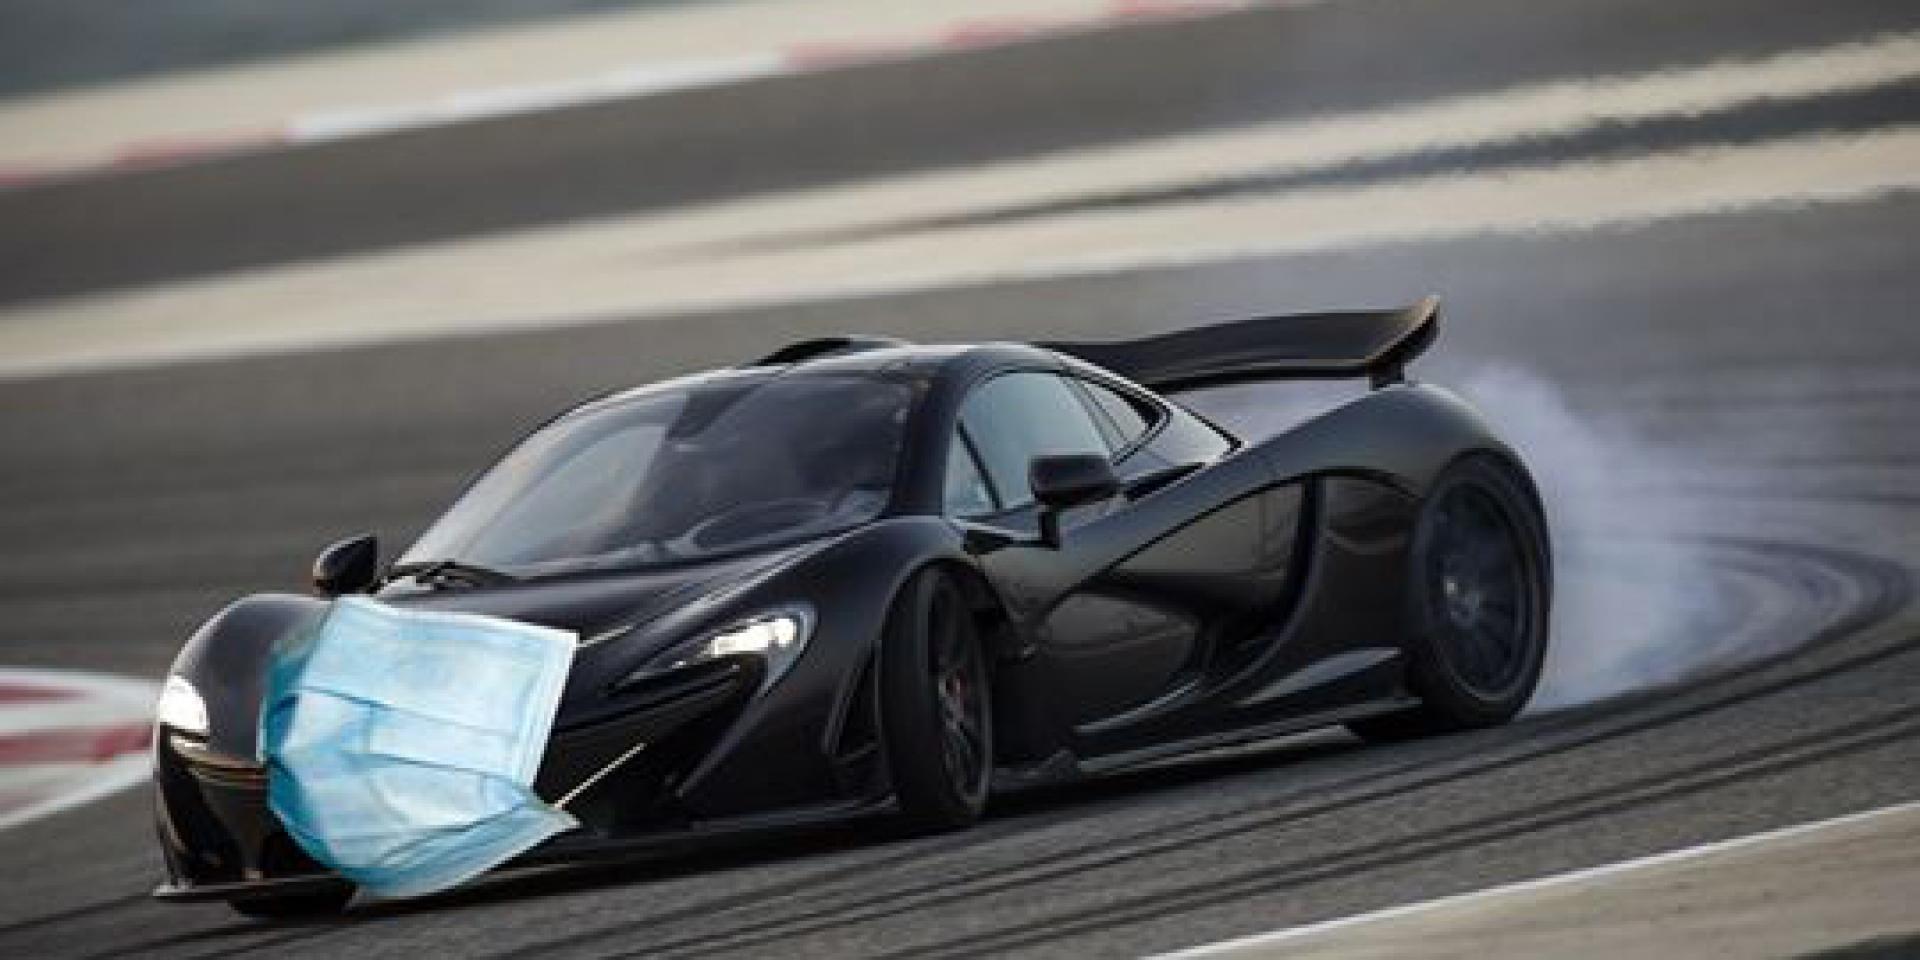 車廠投入抗疫!McLaren設計新型呼吸器幫助病患